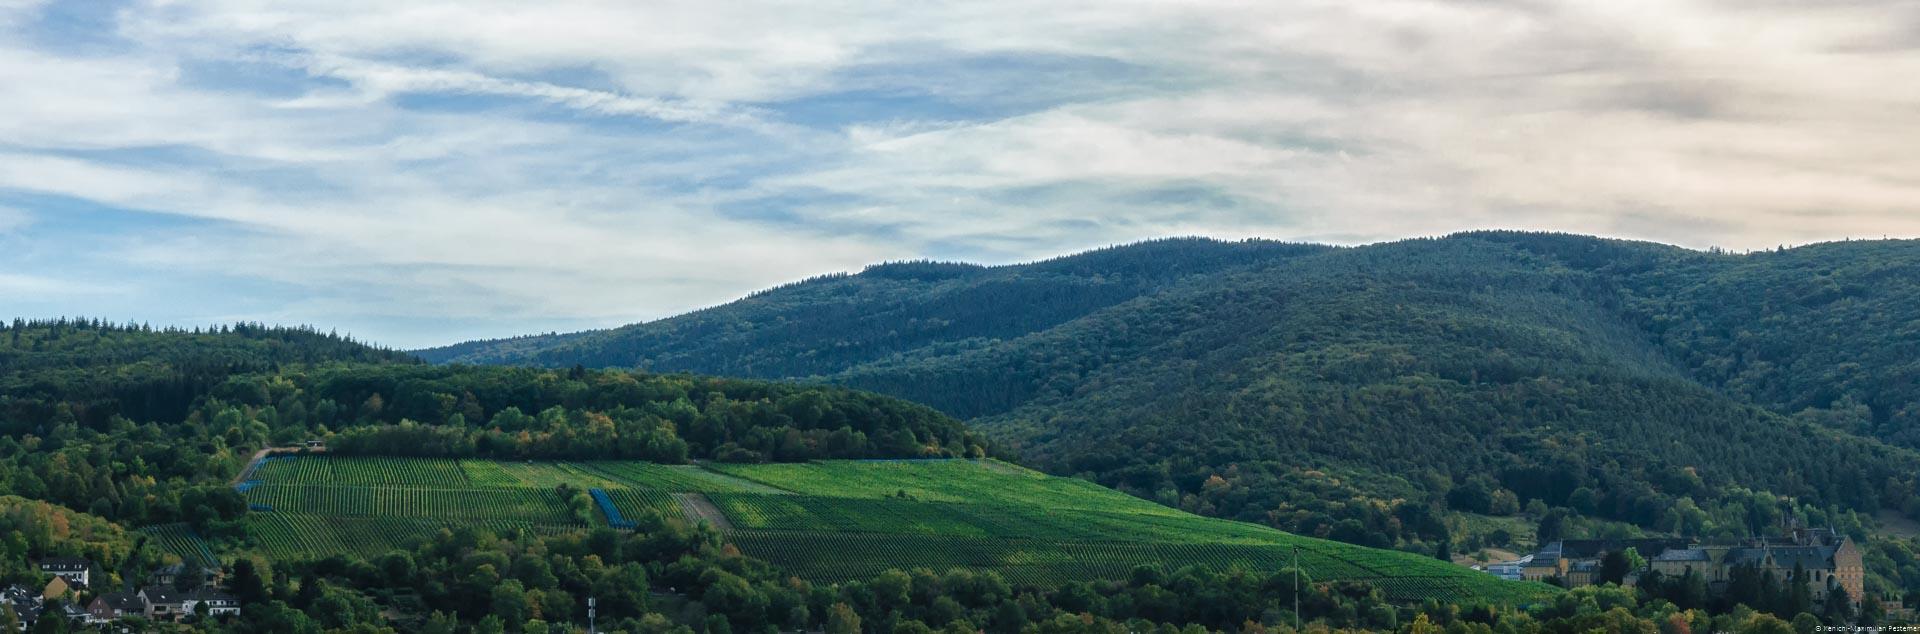 Weinberg inmitten von bewaldeten Hügel mit einigen Häusern am Rand und bewölktem Himmel